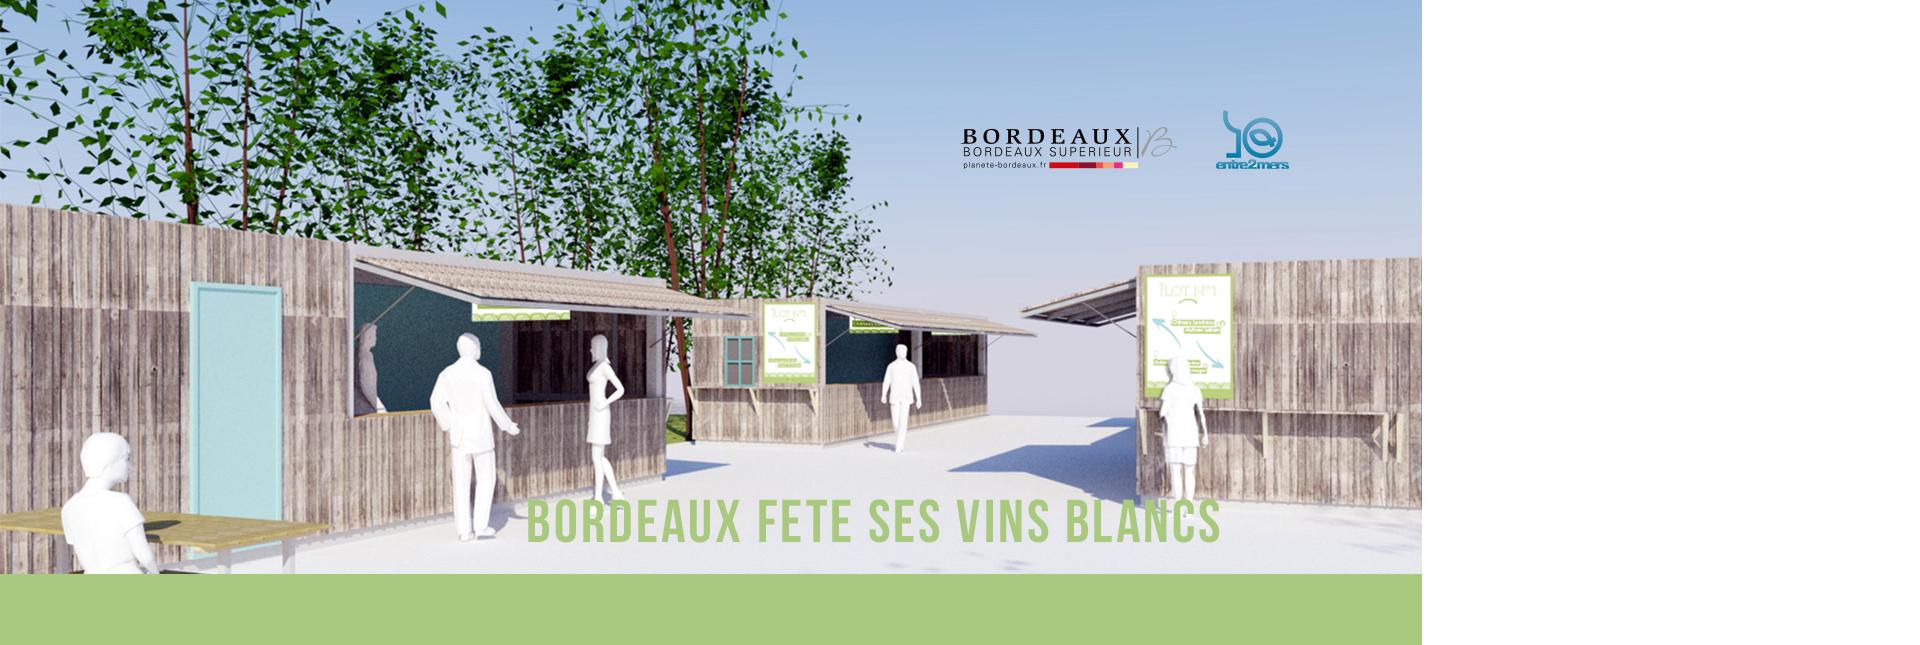 Bordeaux fête ses vins blancs du 20 au 23 juin